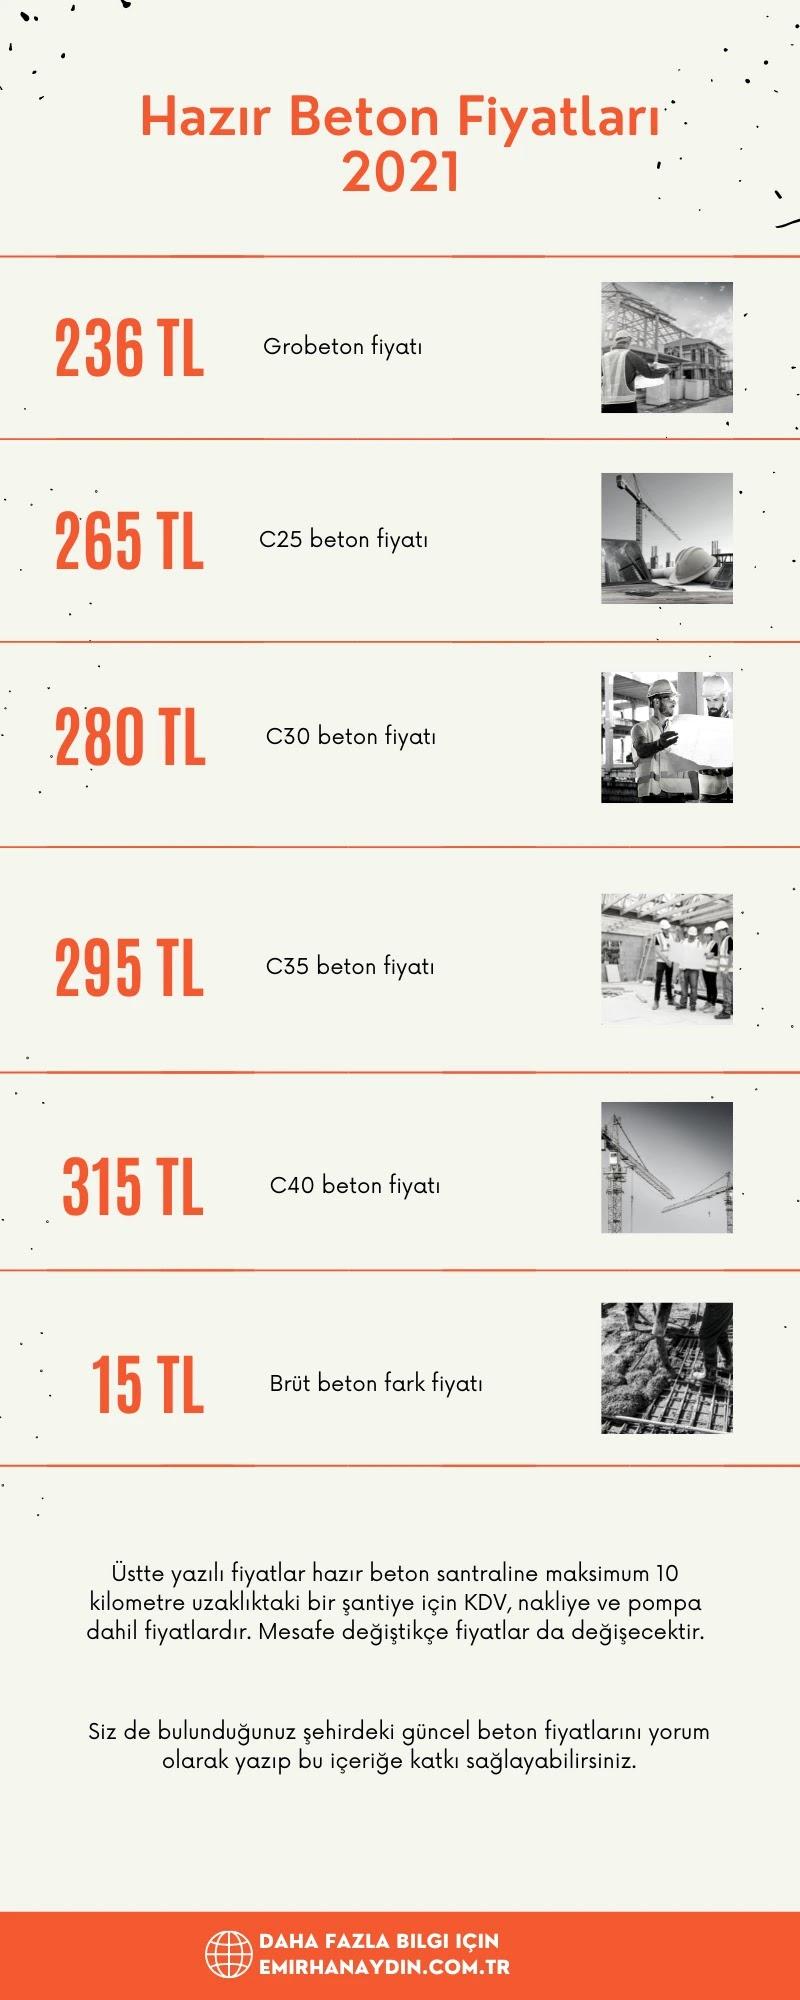 Hazır Beton Fiyatları - 2021 Yılı Güncel Fiyatlar